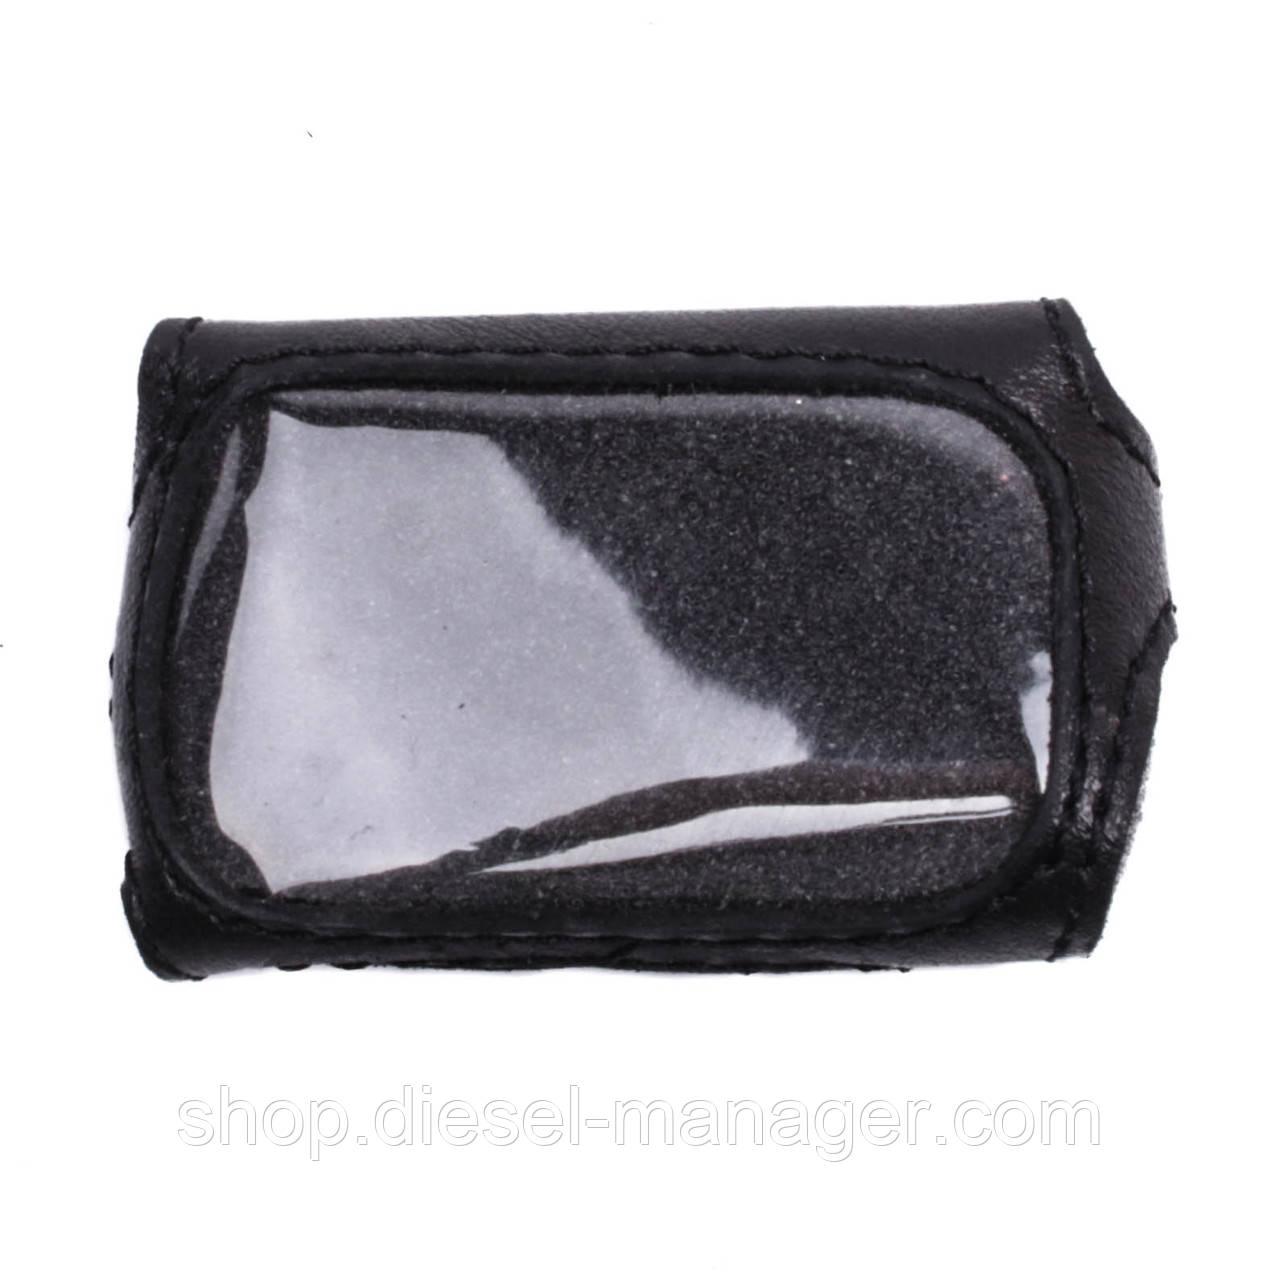 Чехол Valenta для брелока Davinci 330/399 кожаный Черный (РК431)